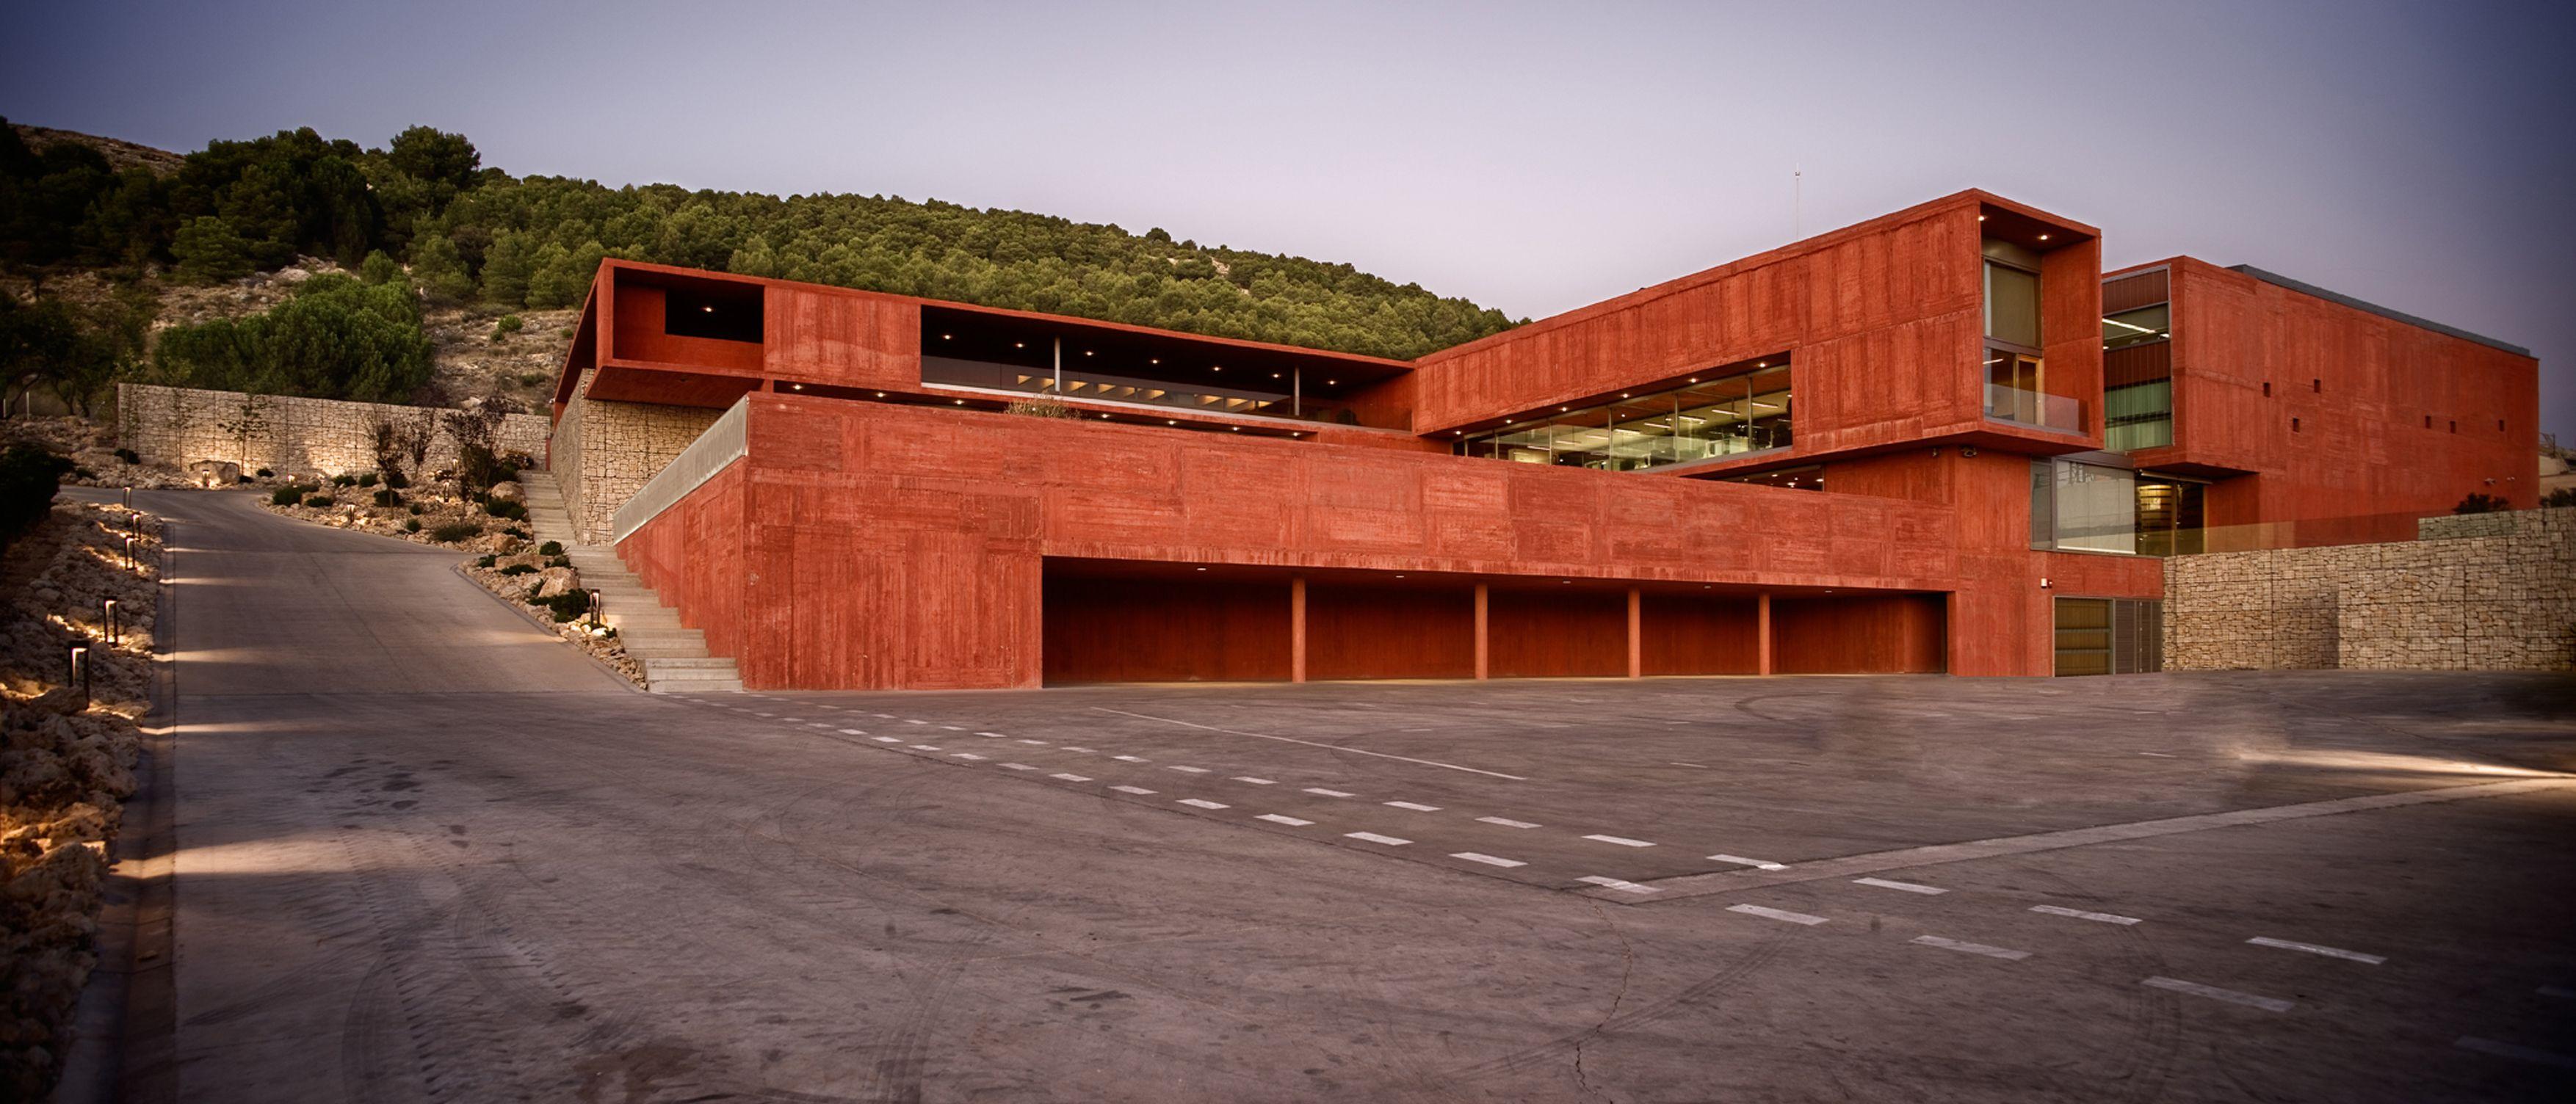 Amas4arquitectura Pago De Carraovejas Winery Divisare Architektur